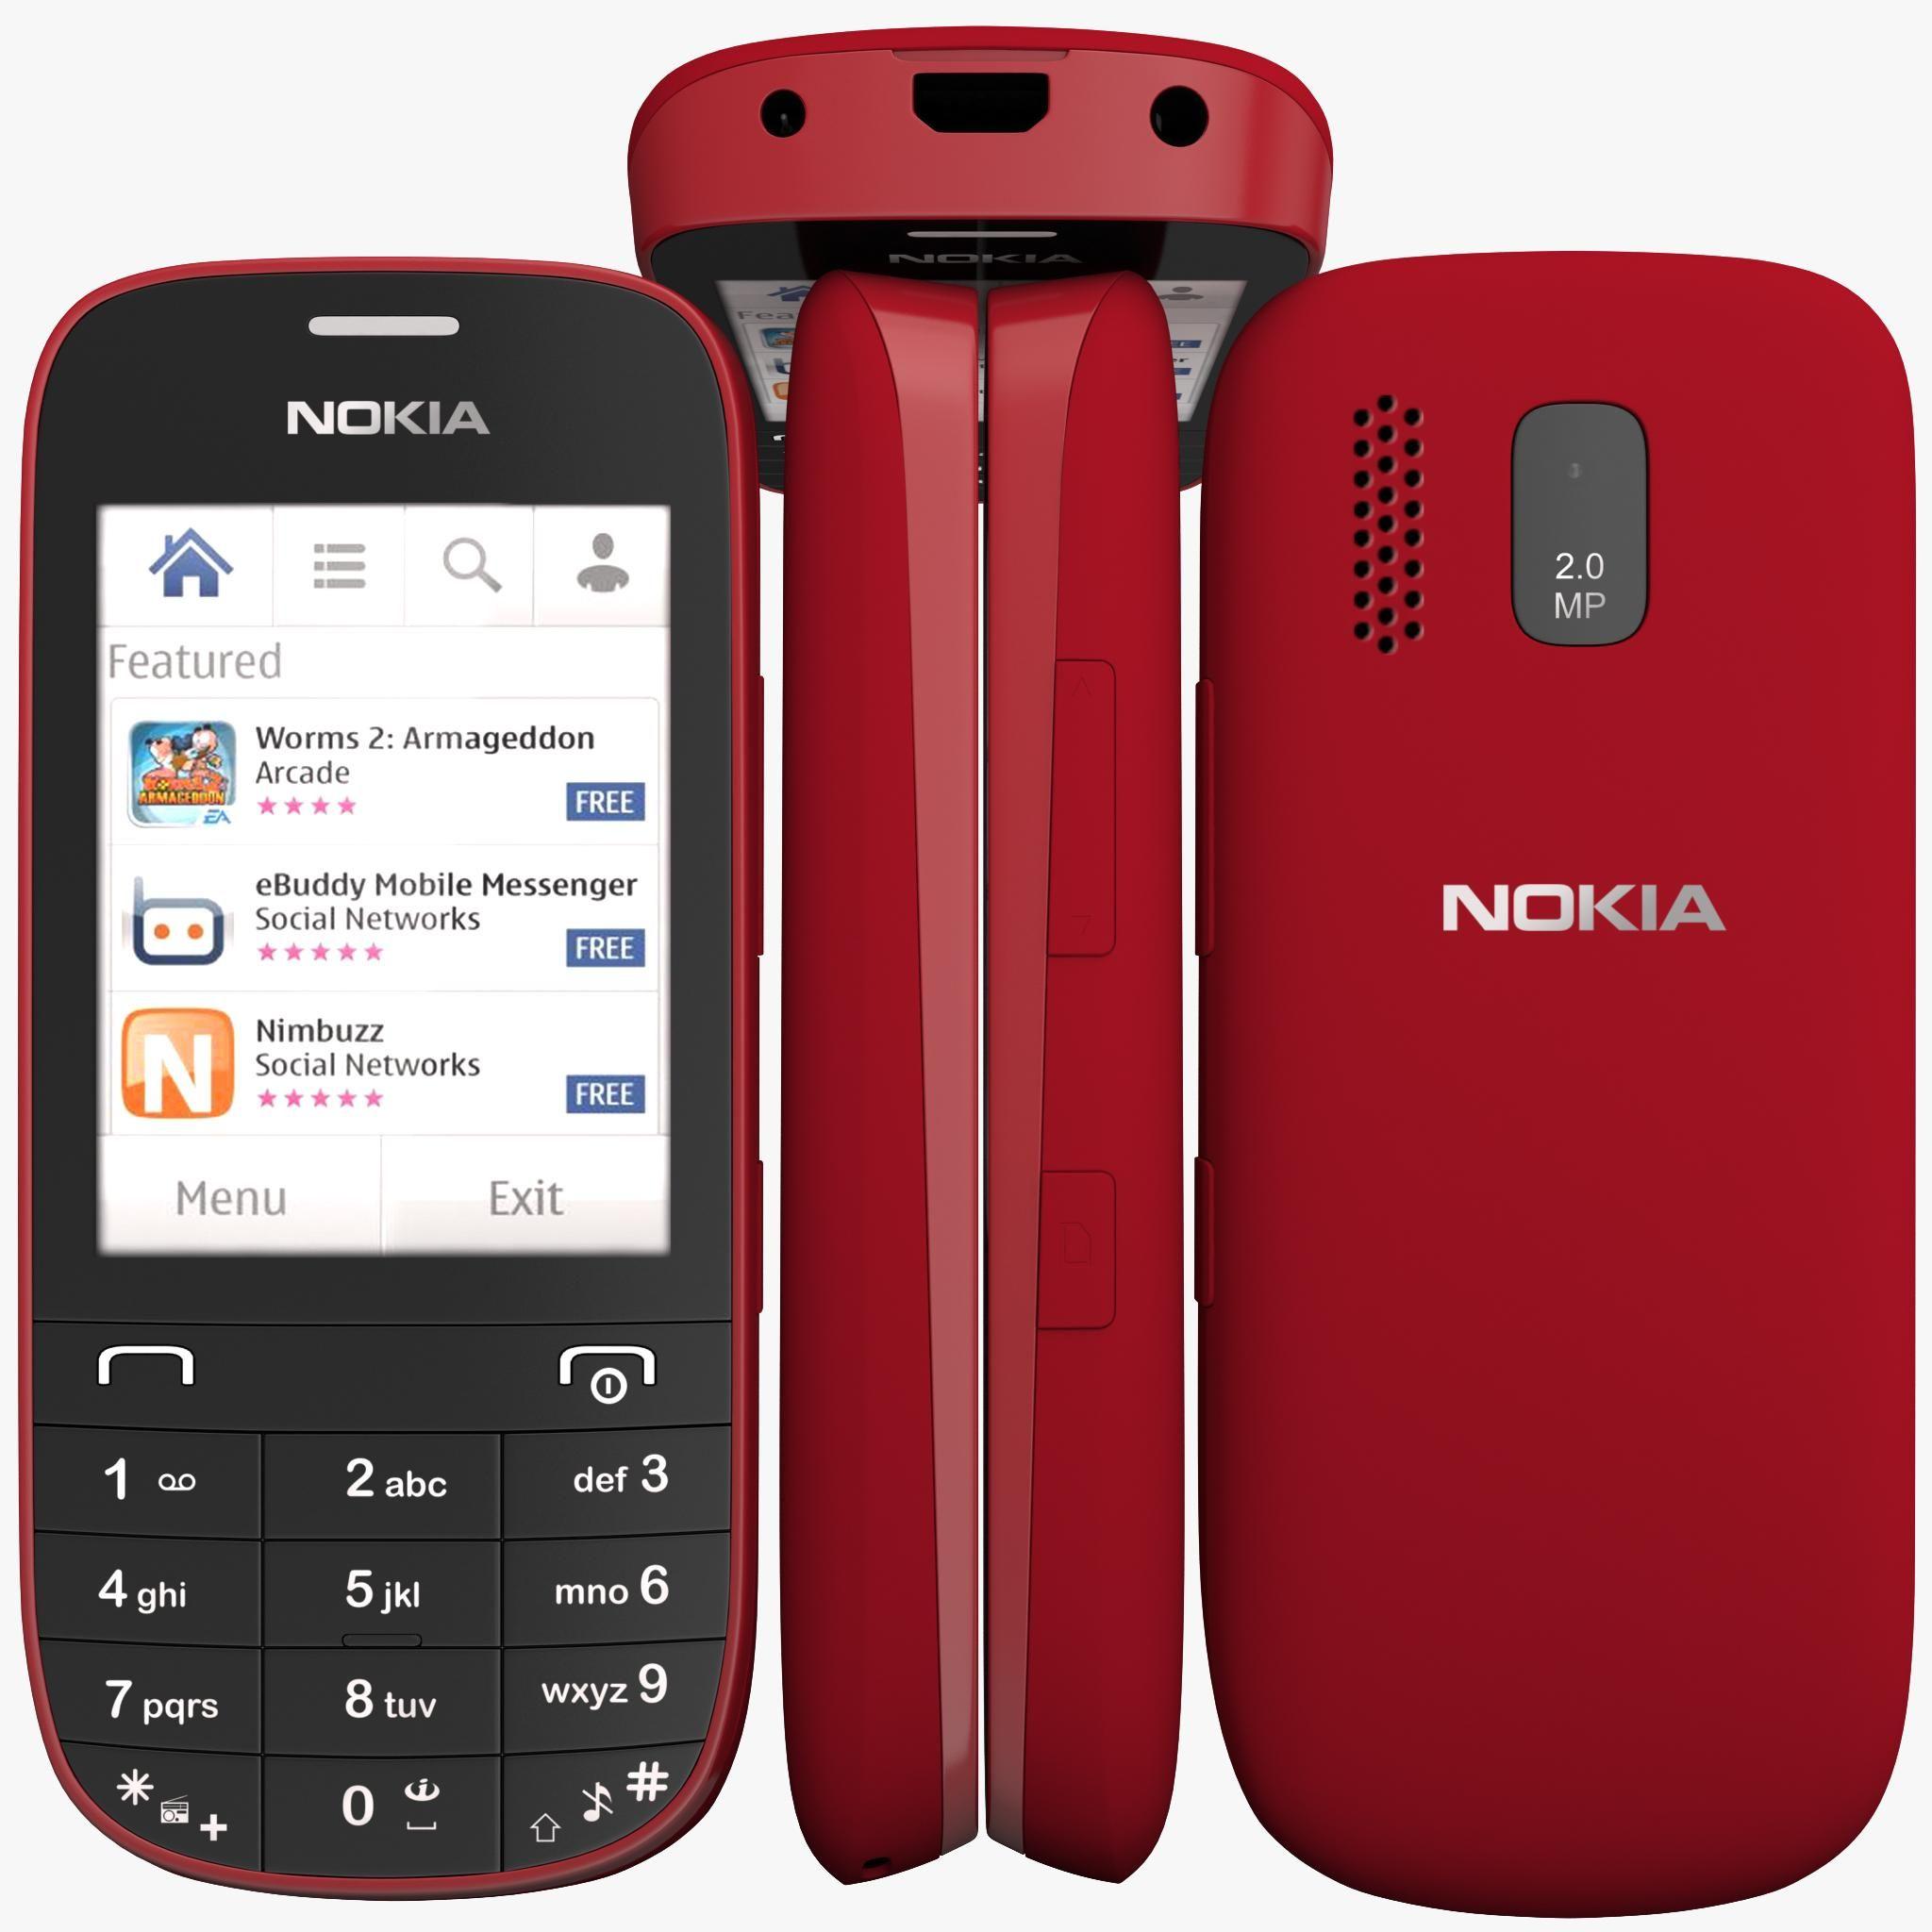 Nokia Asha 203 3D Model #AD ,#Asha#Nokia#Model